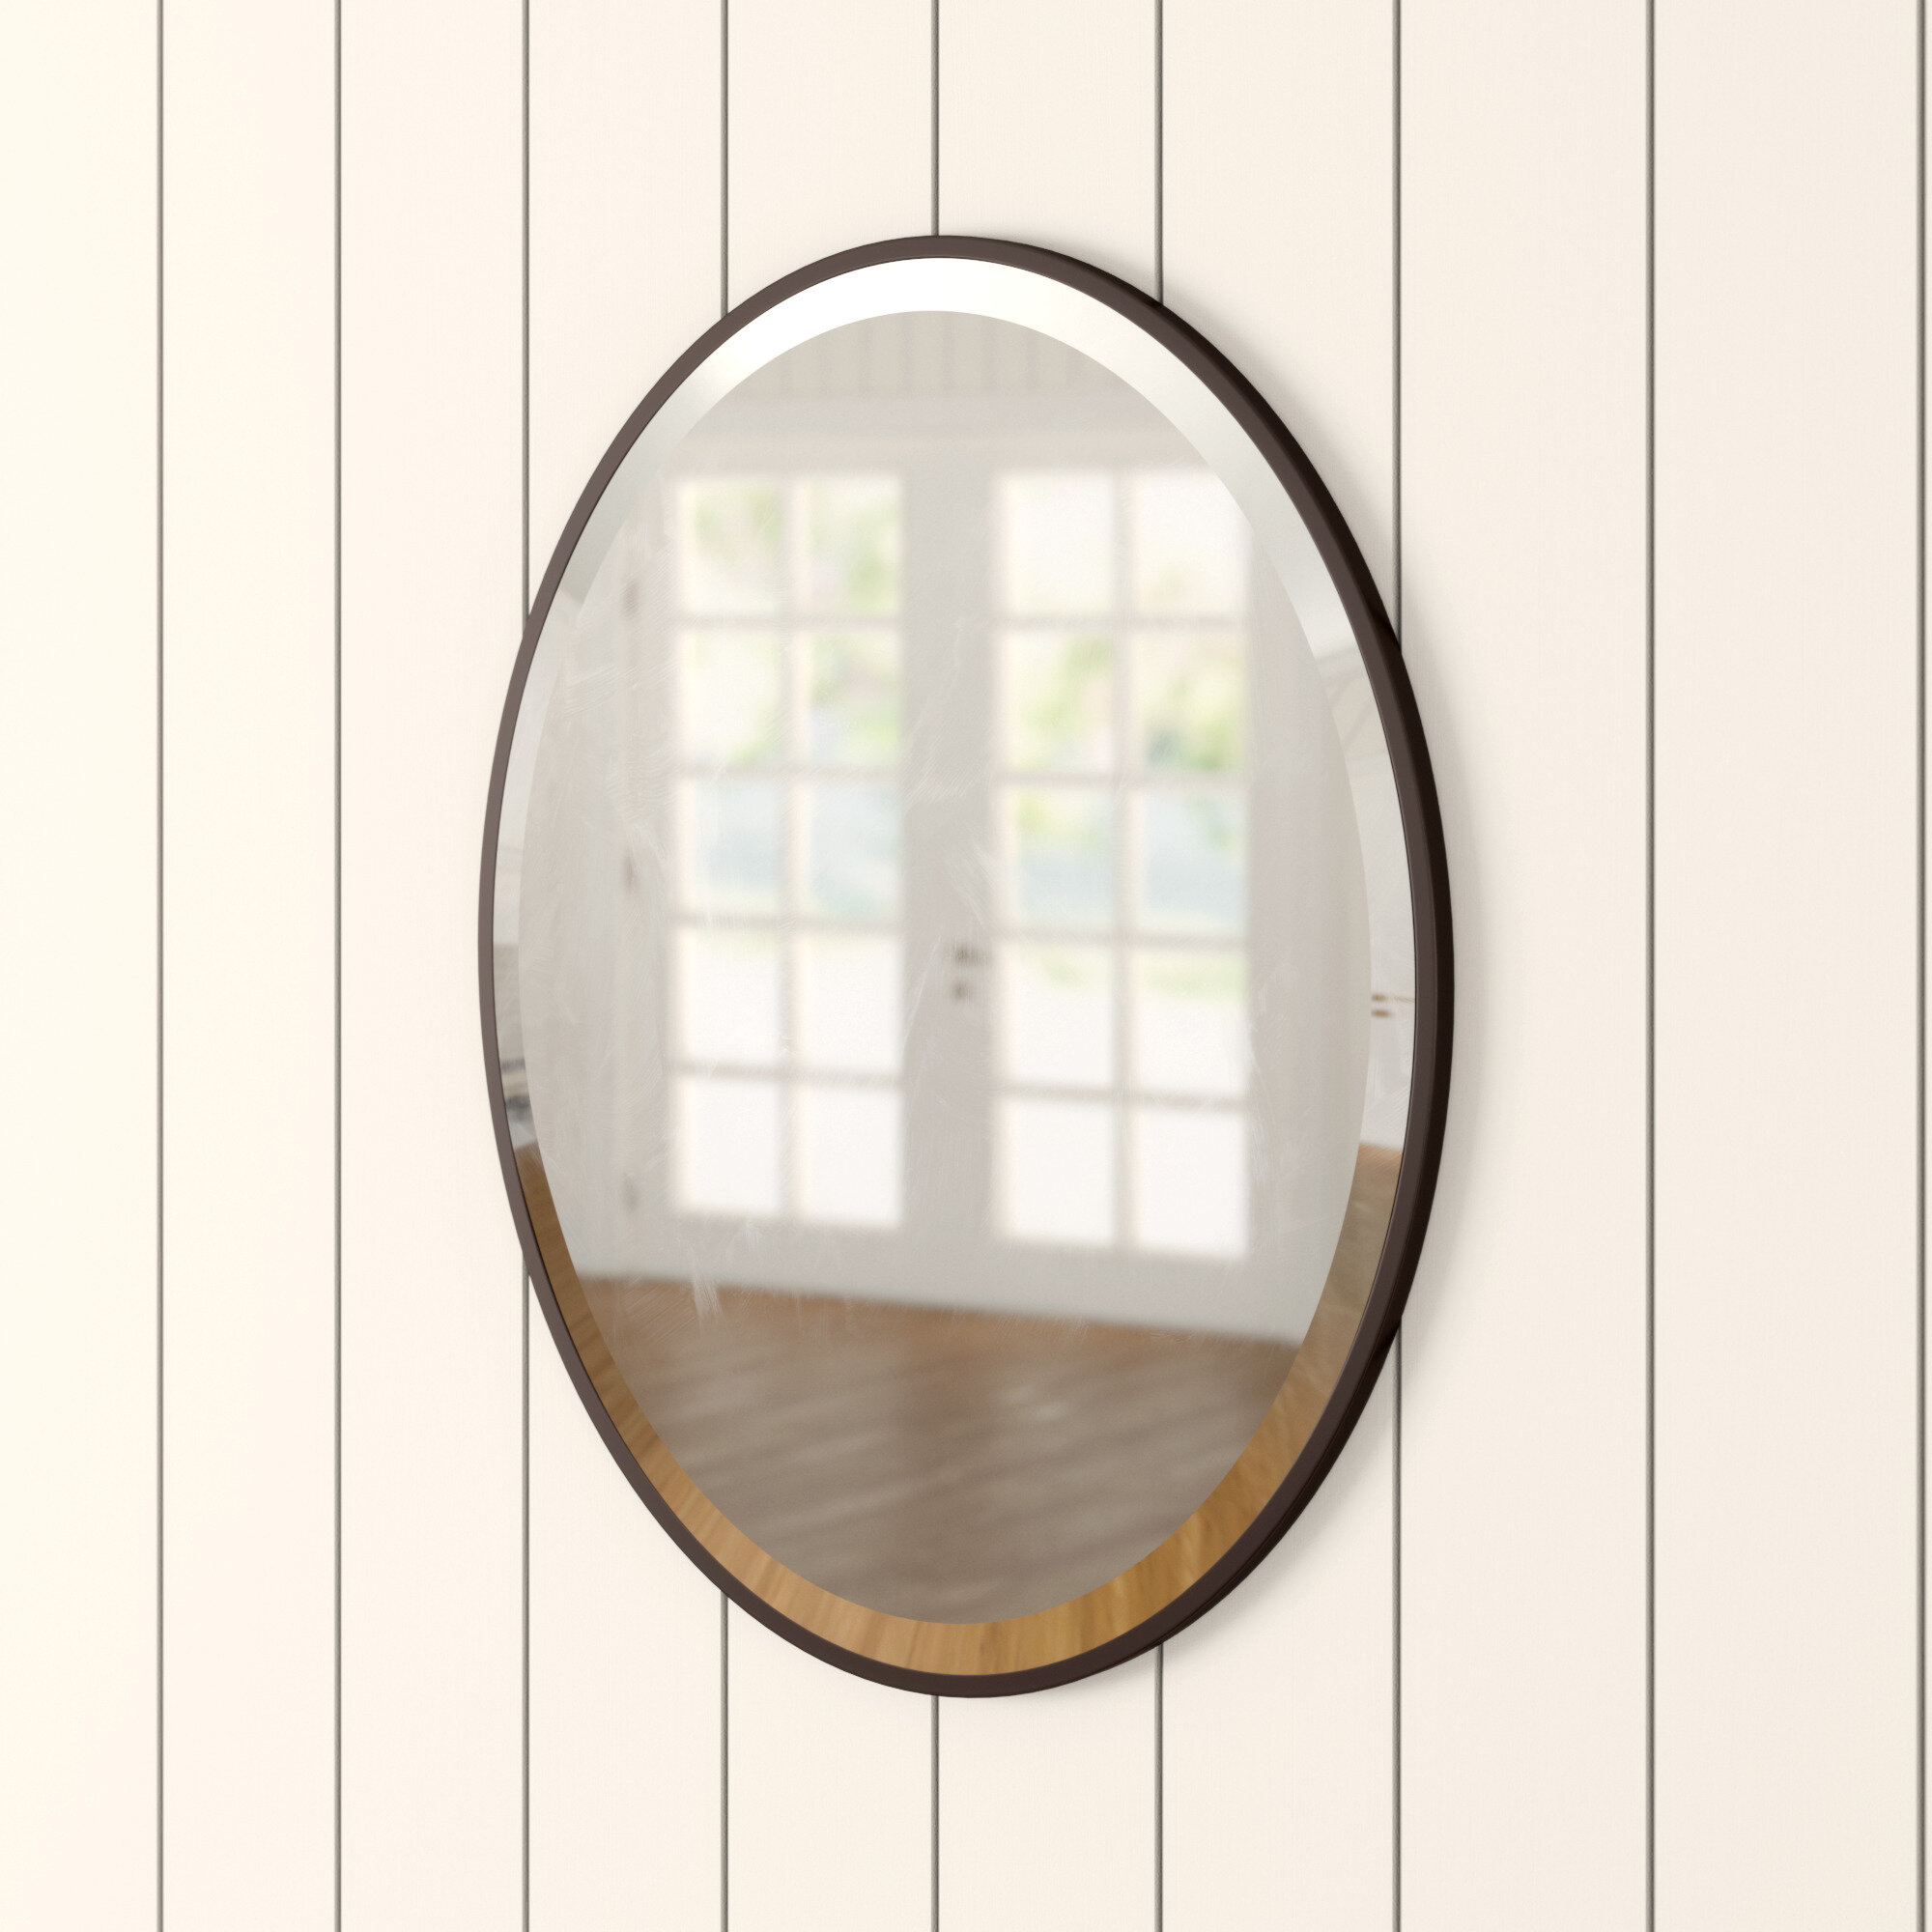 Birch Lane Heritage Lincolnwood Glam Beveled Bathroom Vanity Mirror Reviews Wayfair